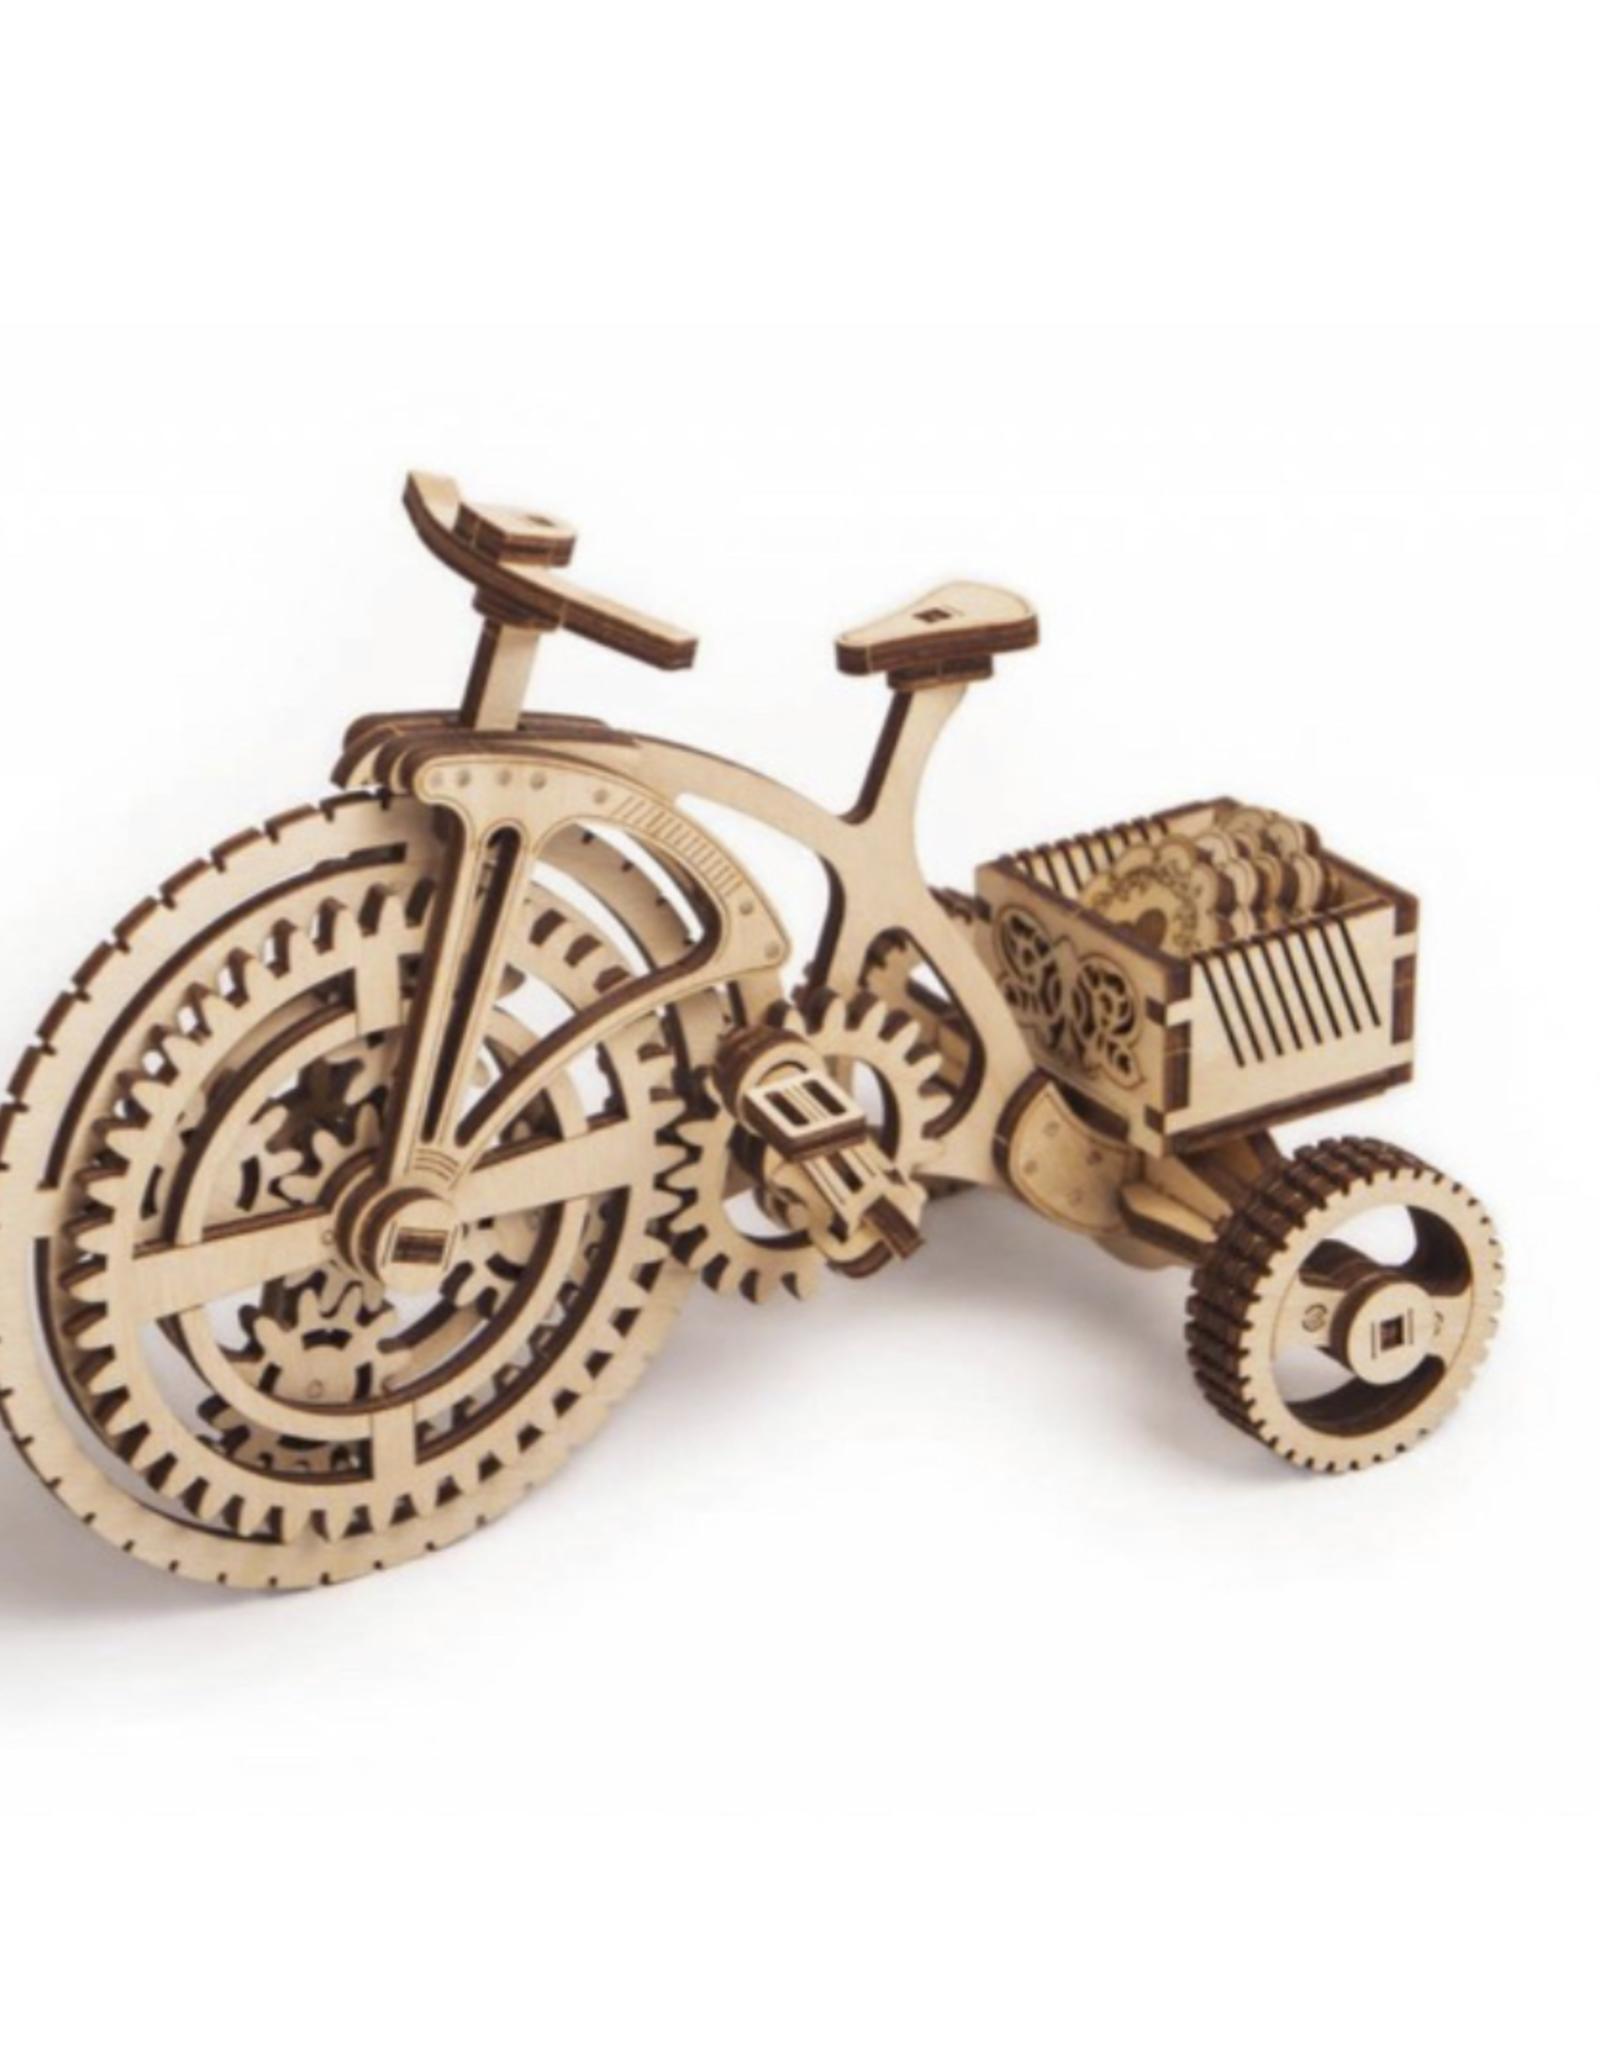 Wood Trick Wood Model- Bicycle